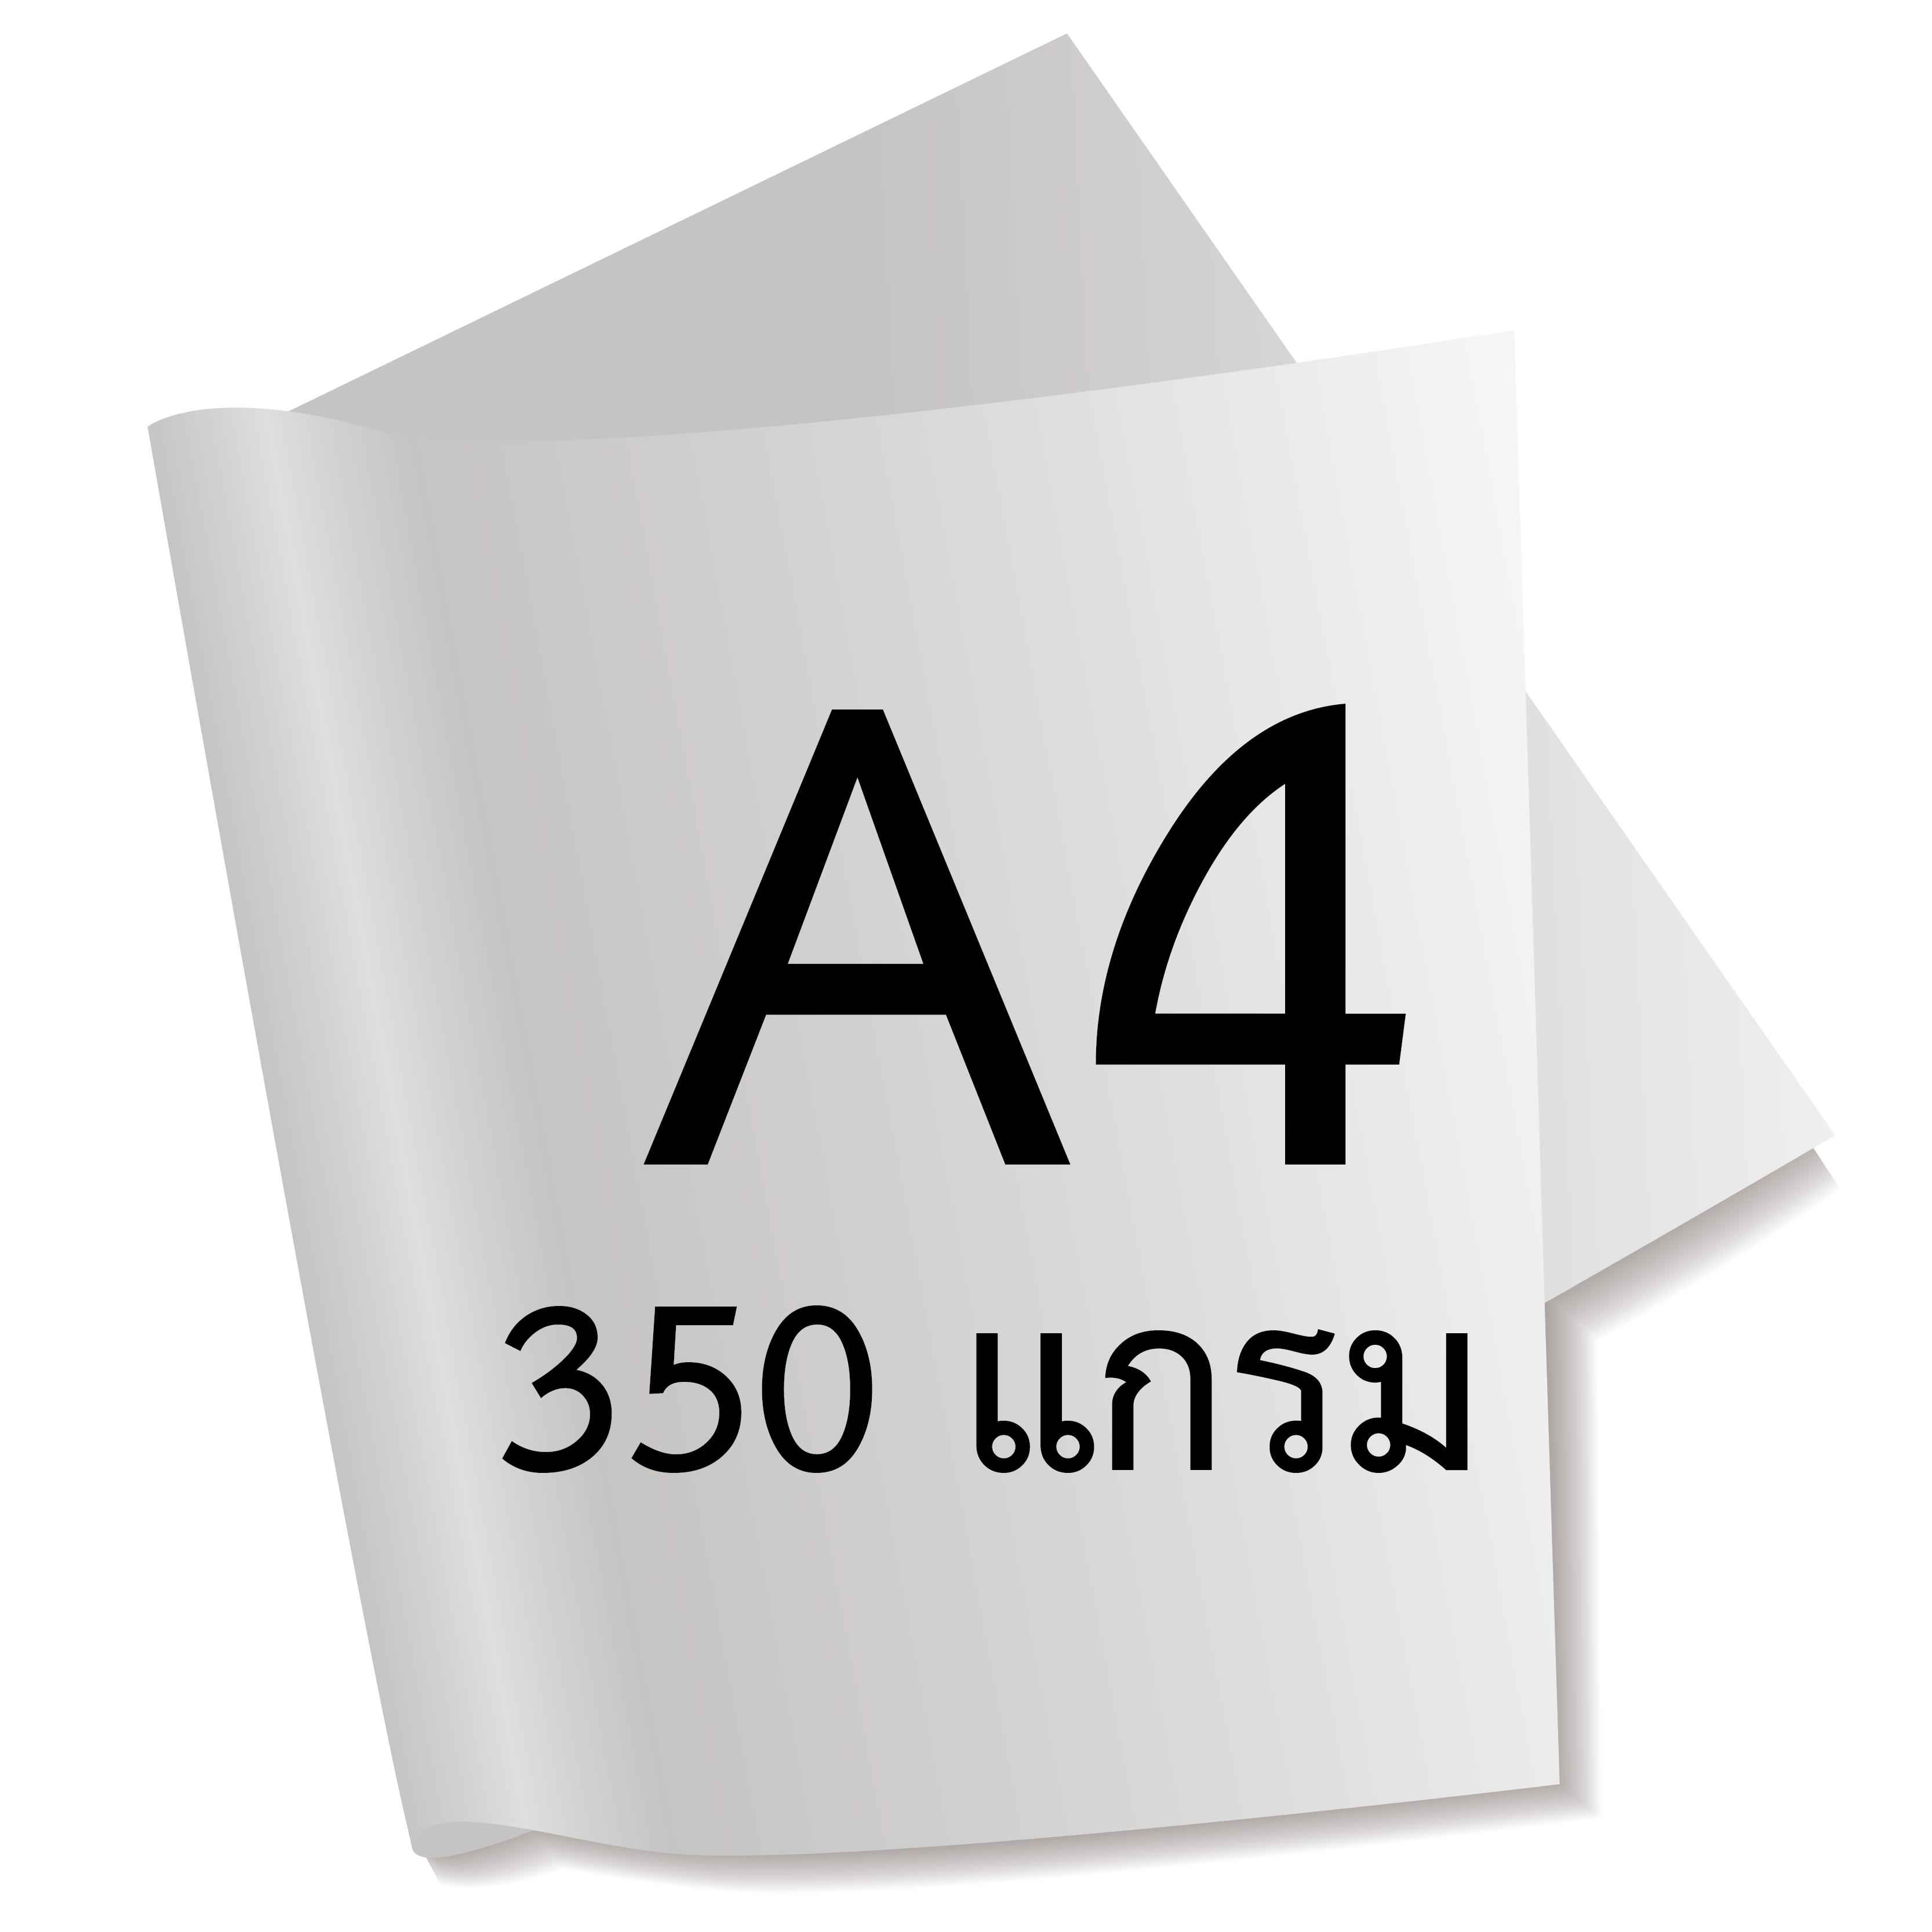 กระดาษอาร์ตการ์ดมัน 1 หน้า 350 แกรม/A4 (500 แผ่น)